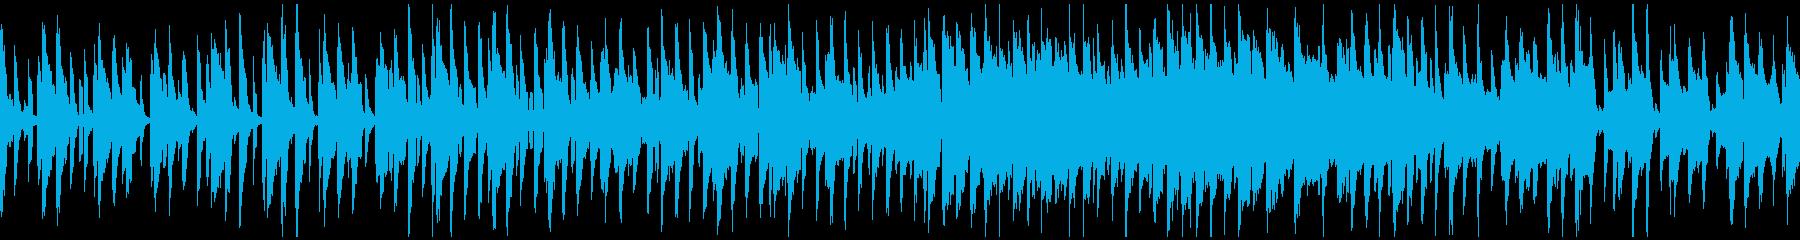 キュートなゆるいリコーダー ※ループ版の再生済みの波形